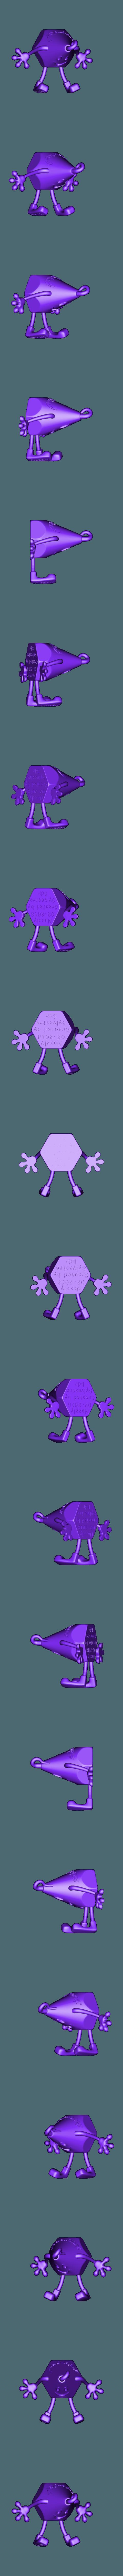 BuseV8-2-key.stl Download free STL file Nozzly Mascot Stratomaker • 3D printer design, Sylvestre-Bdr